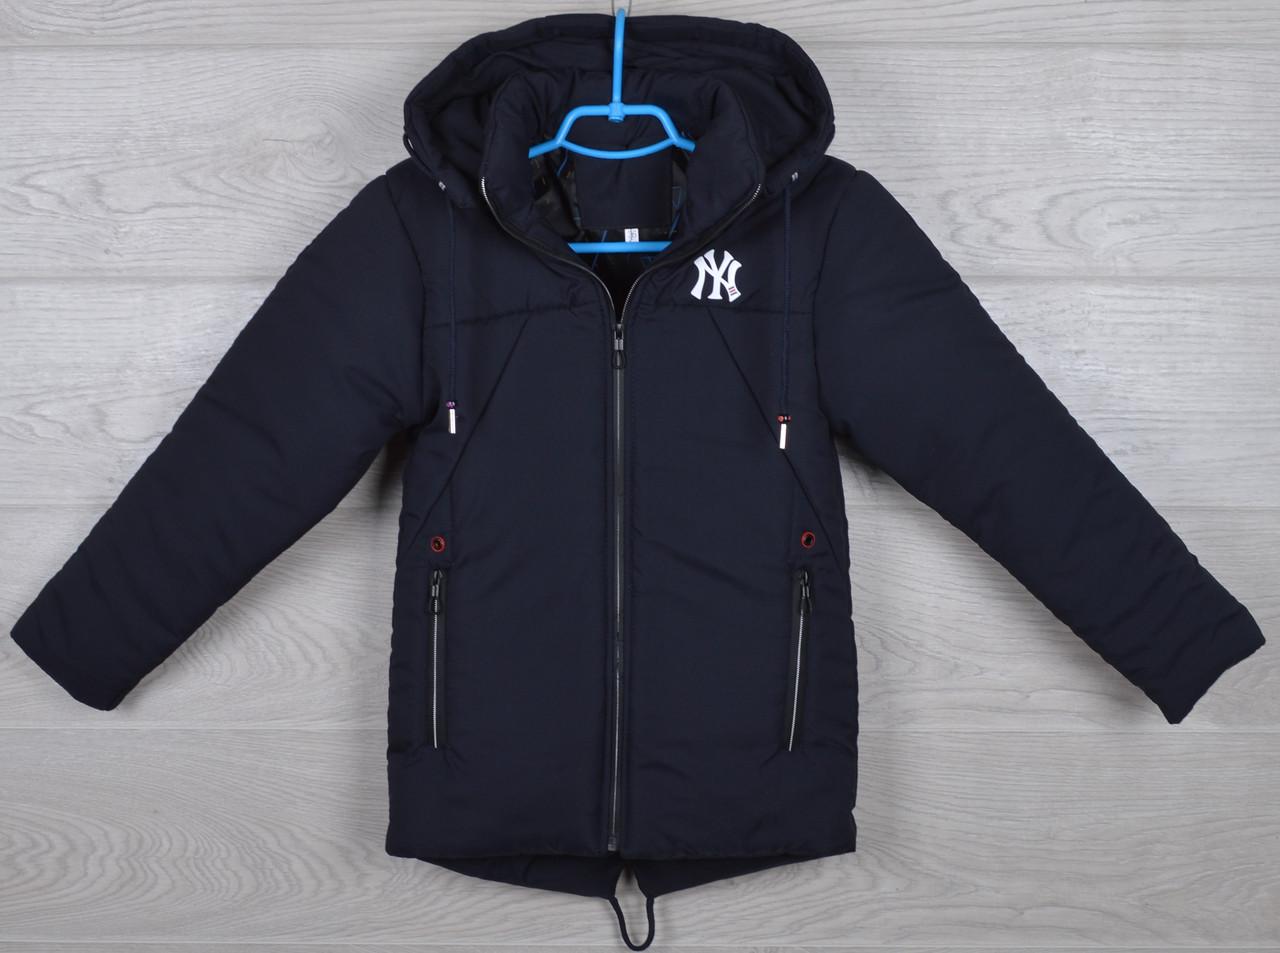 """Куртка детская демисезонная """"NY"""" 4-5-6-7-8 лет (104-128 см). Темно-синяя. Оптом."""